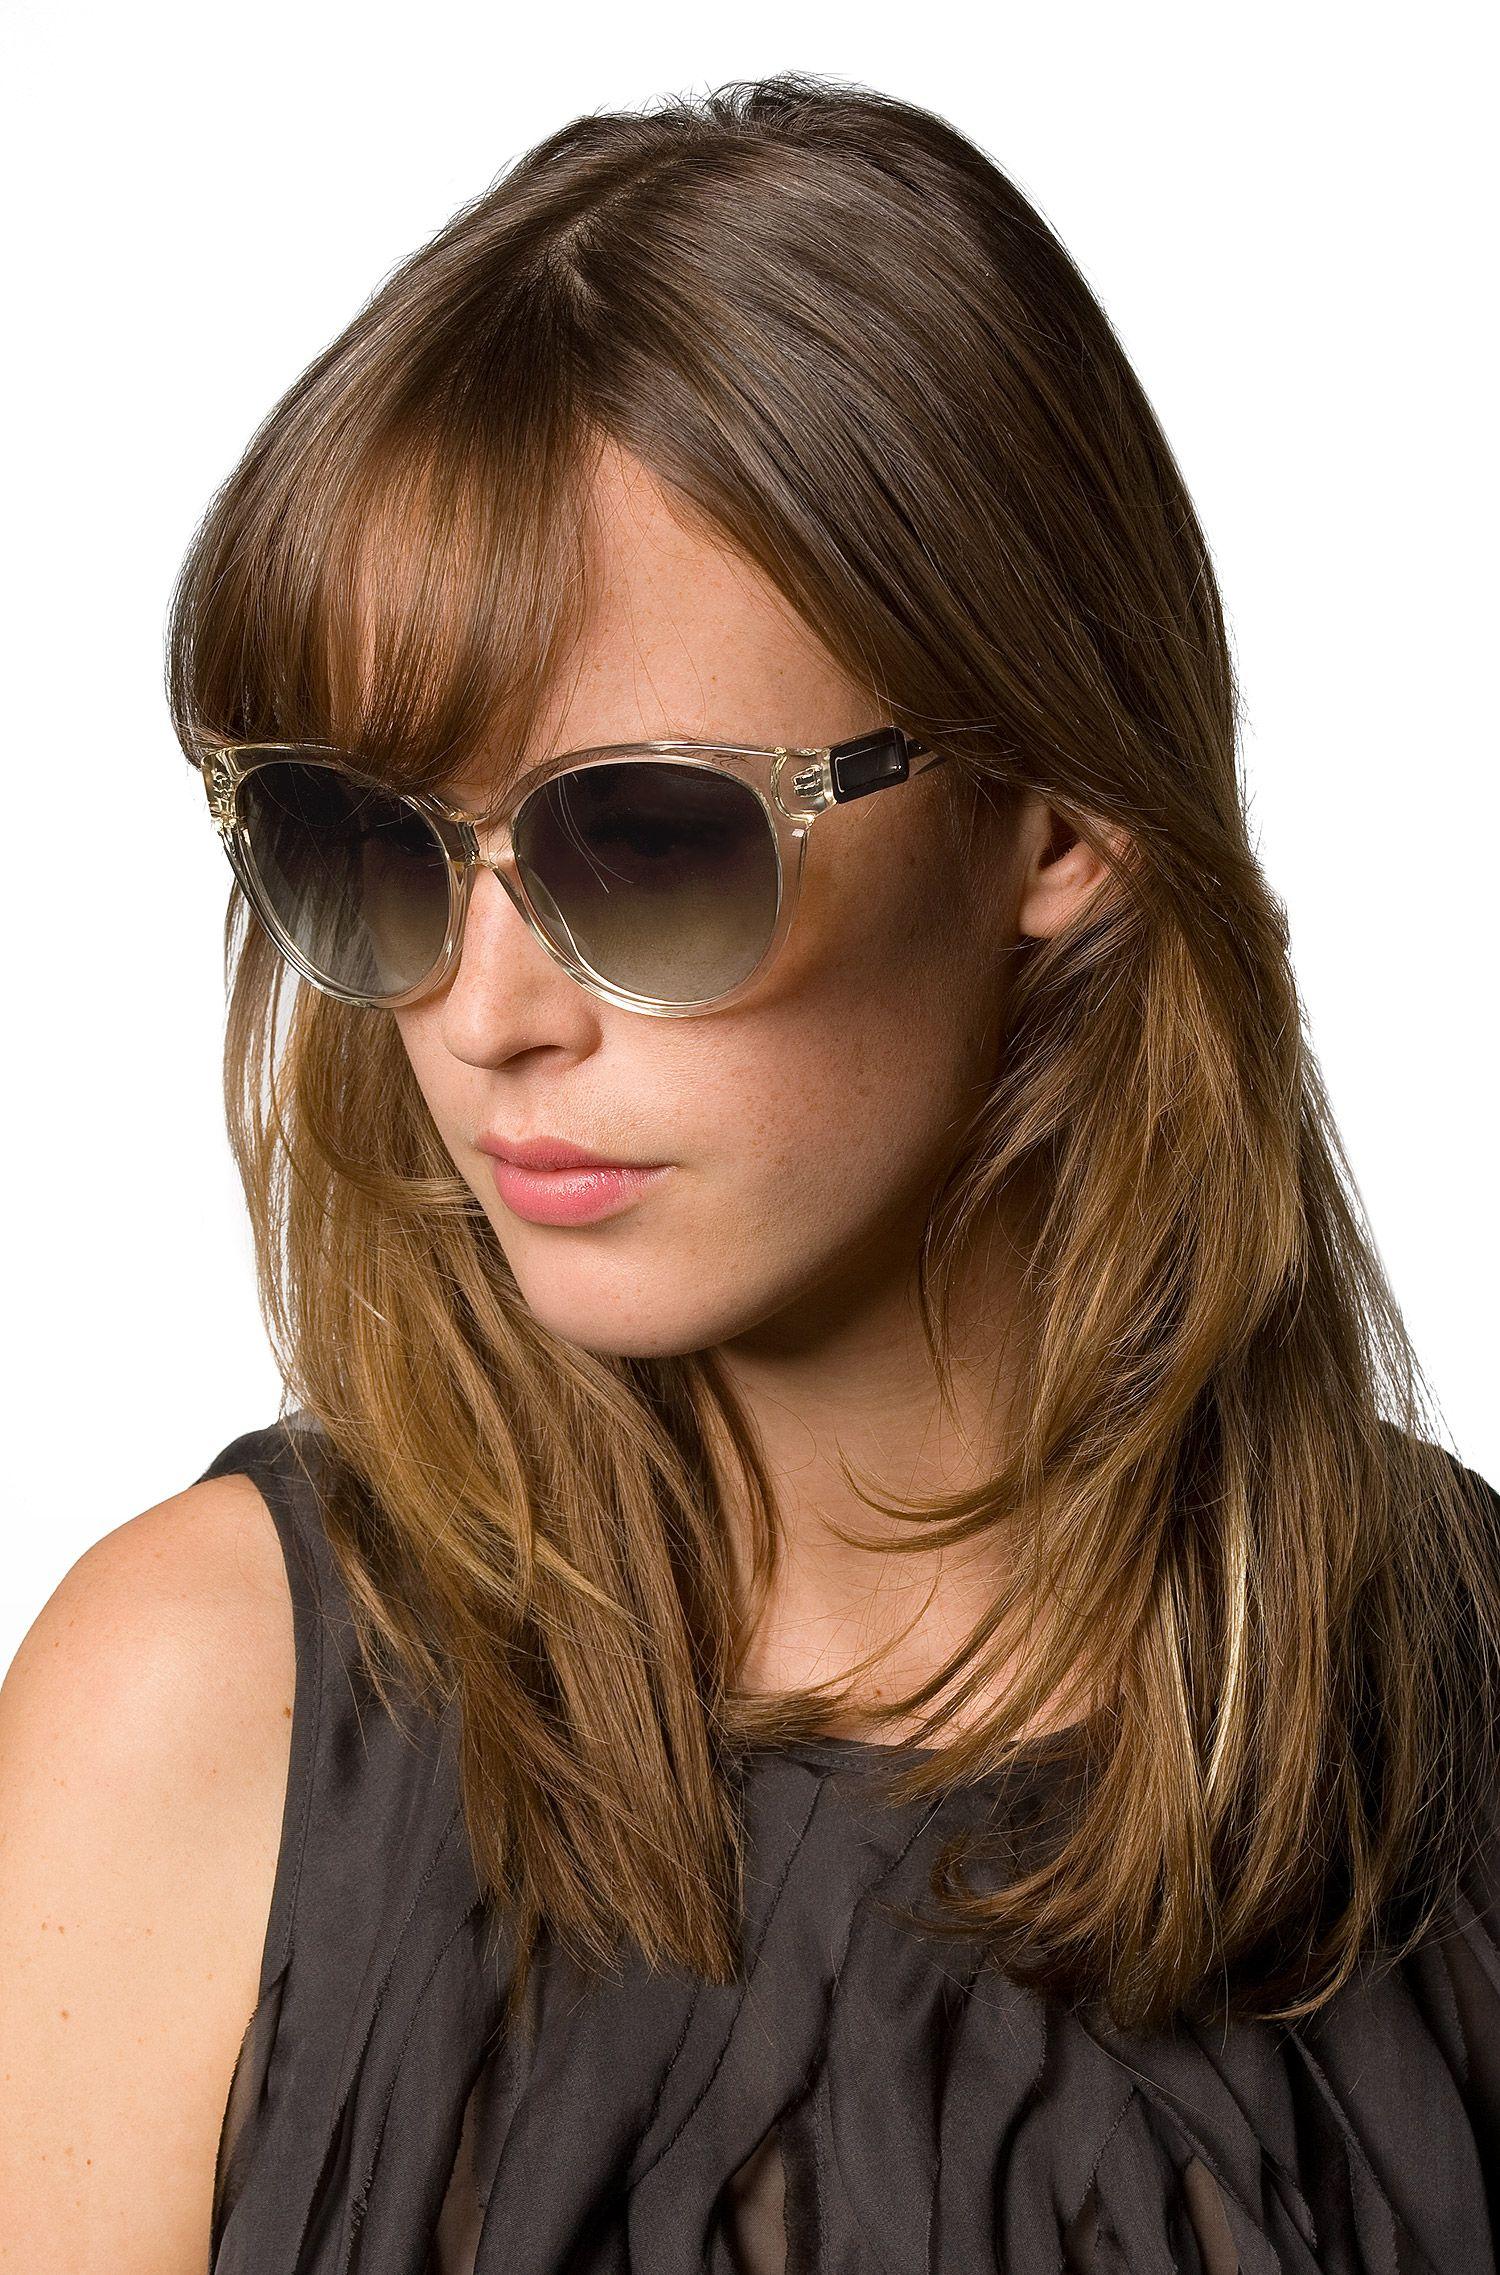 Damensonnenbrille ´BOSS 0372/S` im Retro-Stil